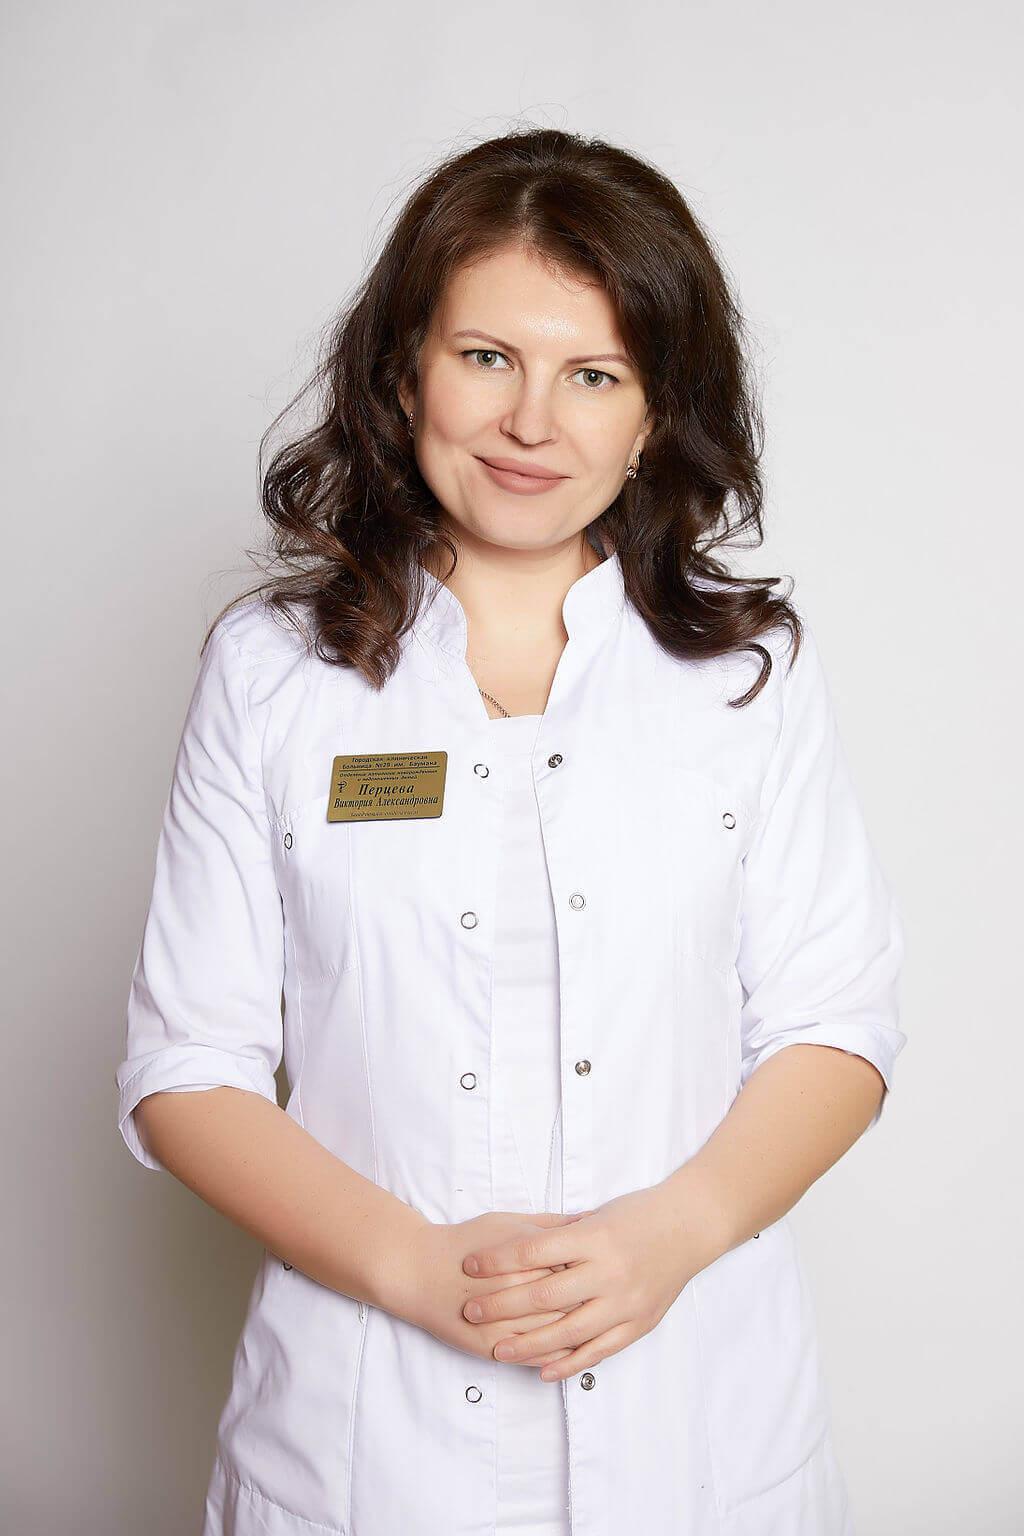 Виктория Александровна врач